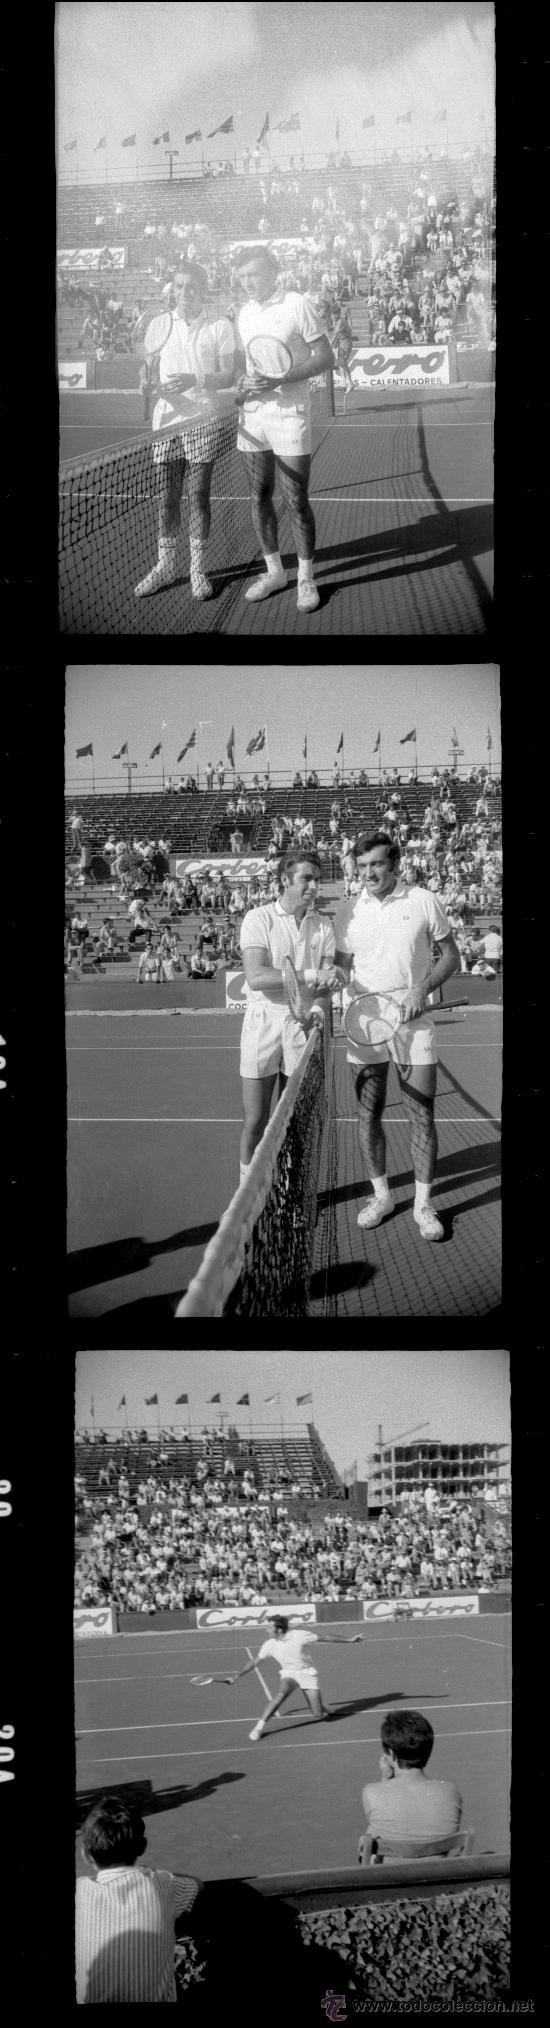 Coleccionismo deportivo: Tenis - COPA DAVIS - 1970 - 60 NEGATIVOS - Foto 2 - 33339975